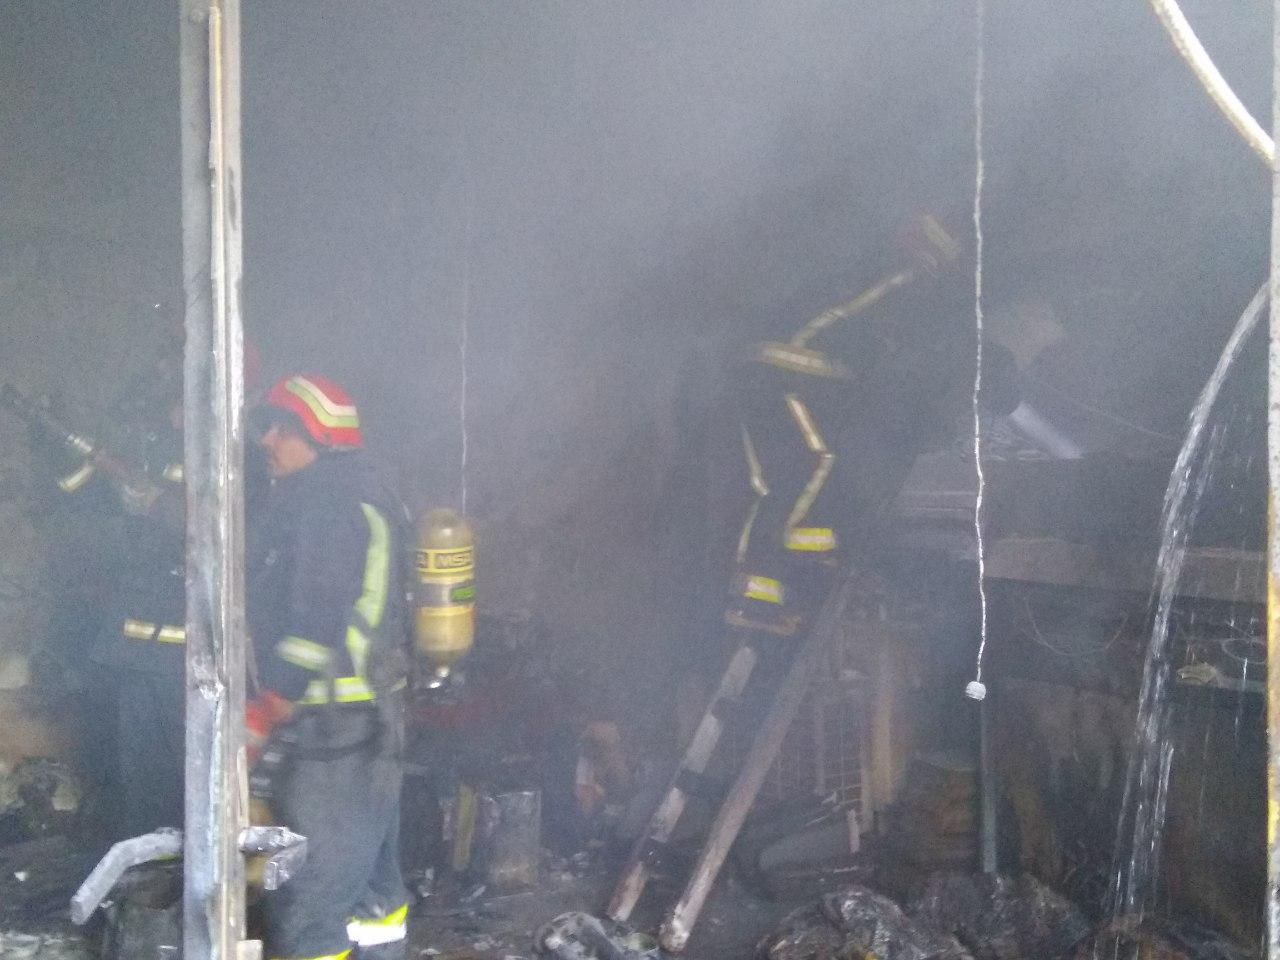 یک فوتی بر اثر آتش سوزی در بازار حرمخانه تبریز